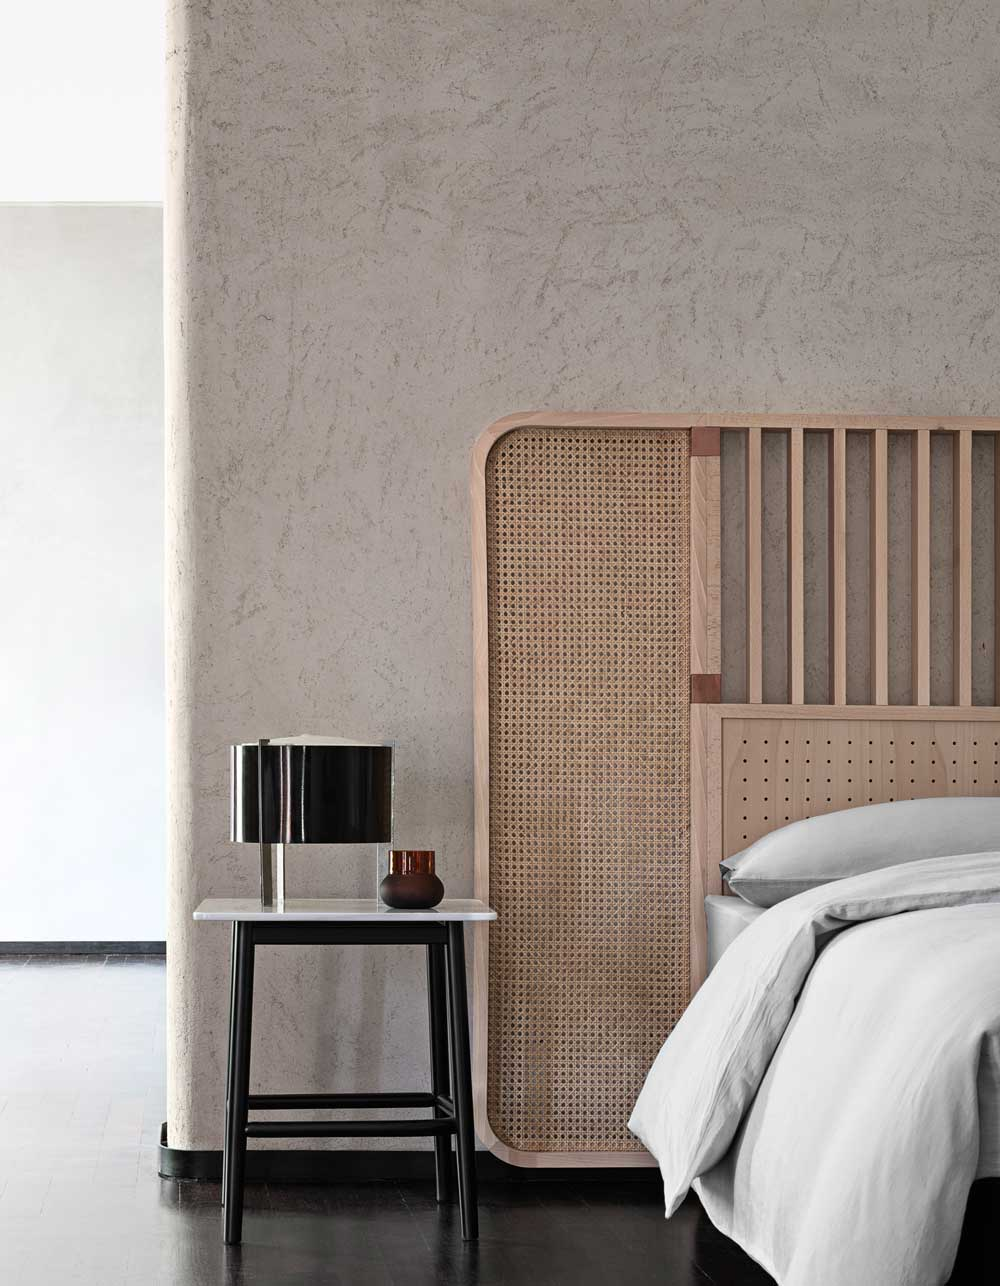 10 Ideen für ein dekoratives Betthaupt - DECO HOME